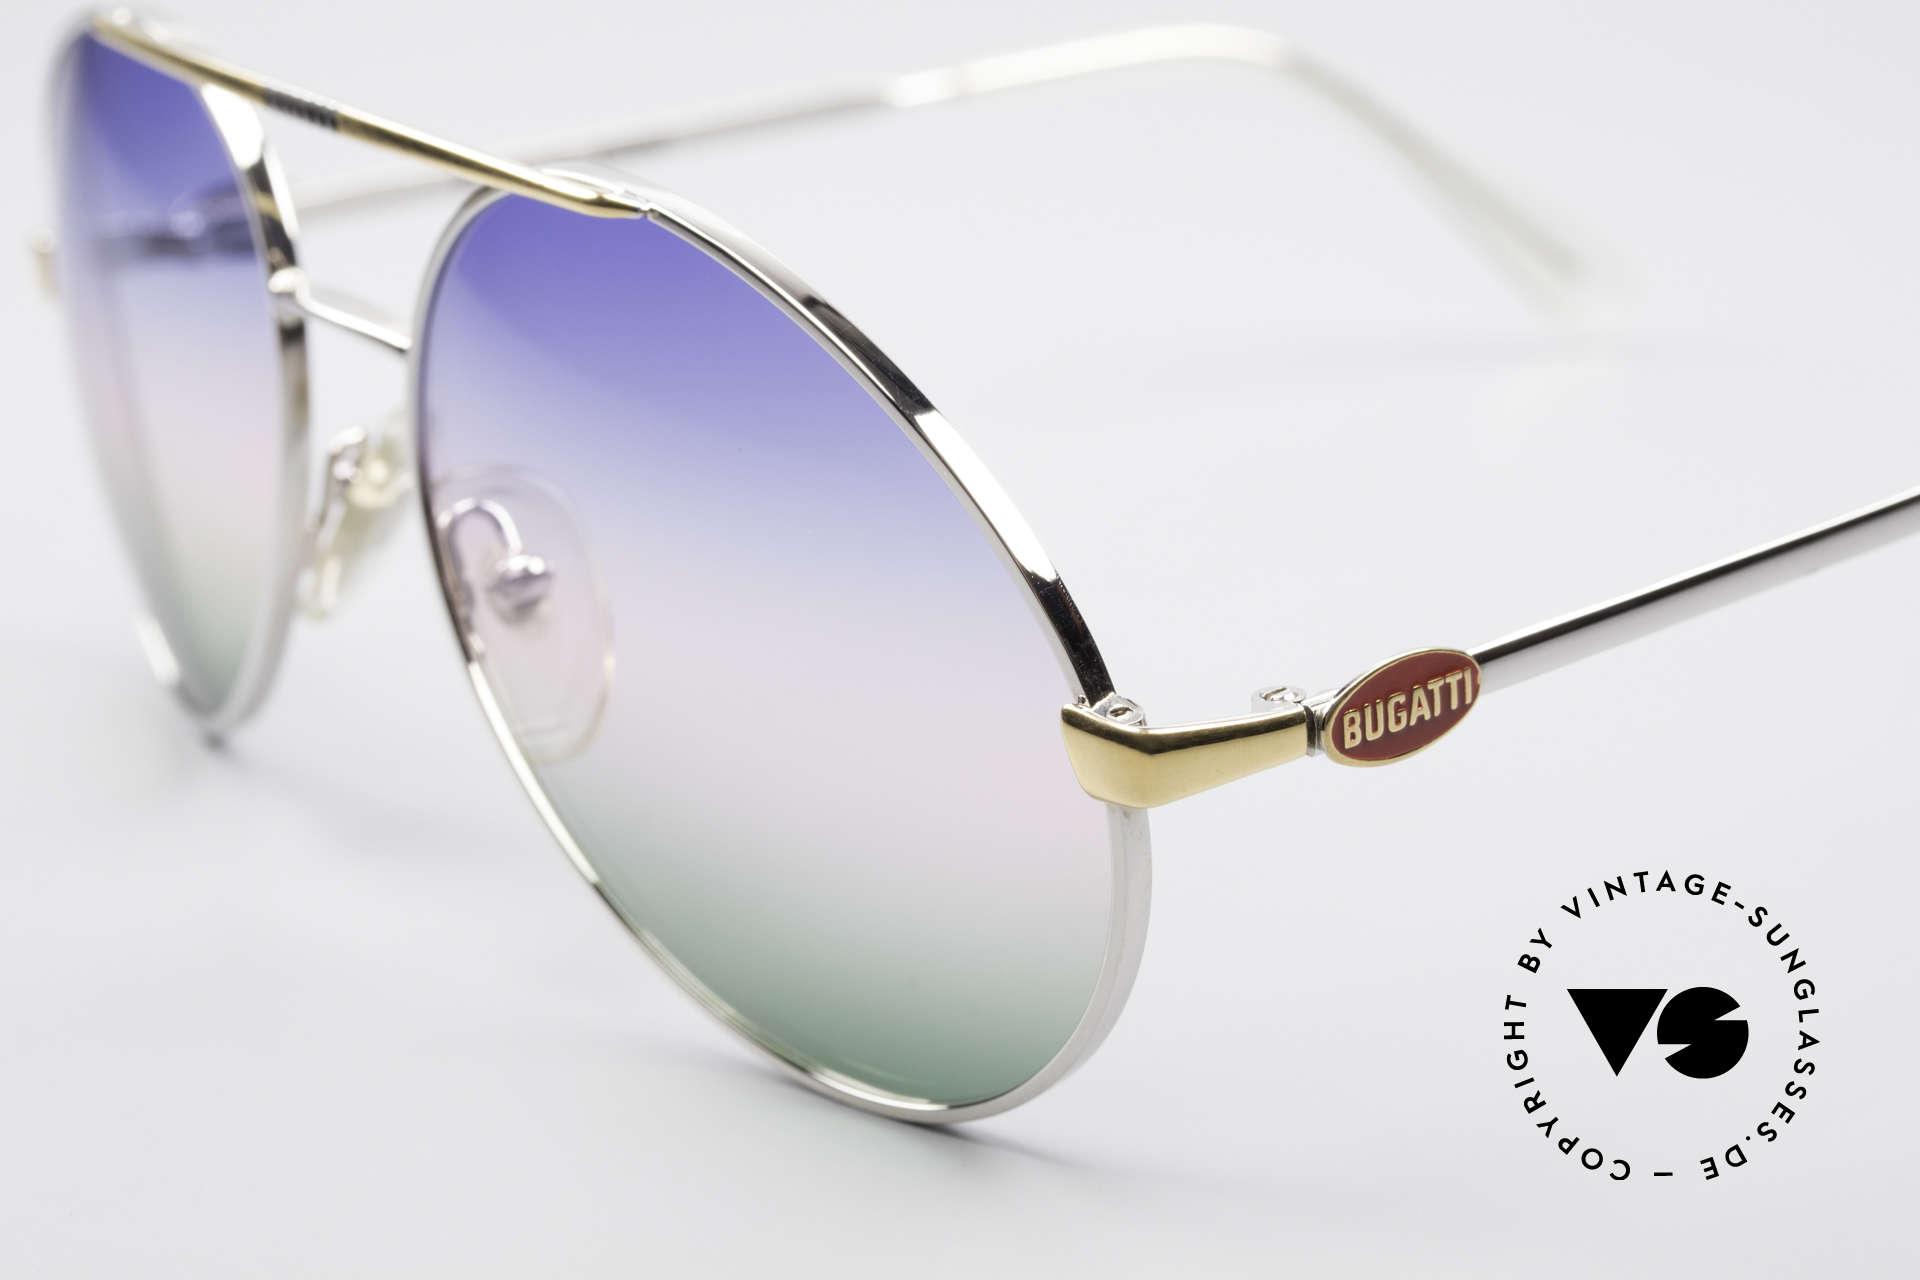 Bugatti 65982 Rare Vintage 80er Sonnenbrille, silberne Fassung & Gläser mit Dreifach-Verlauf, Passend für Herren